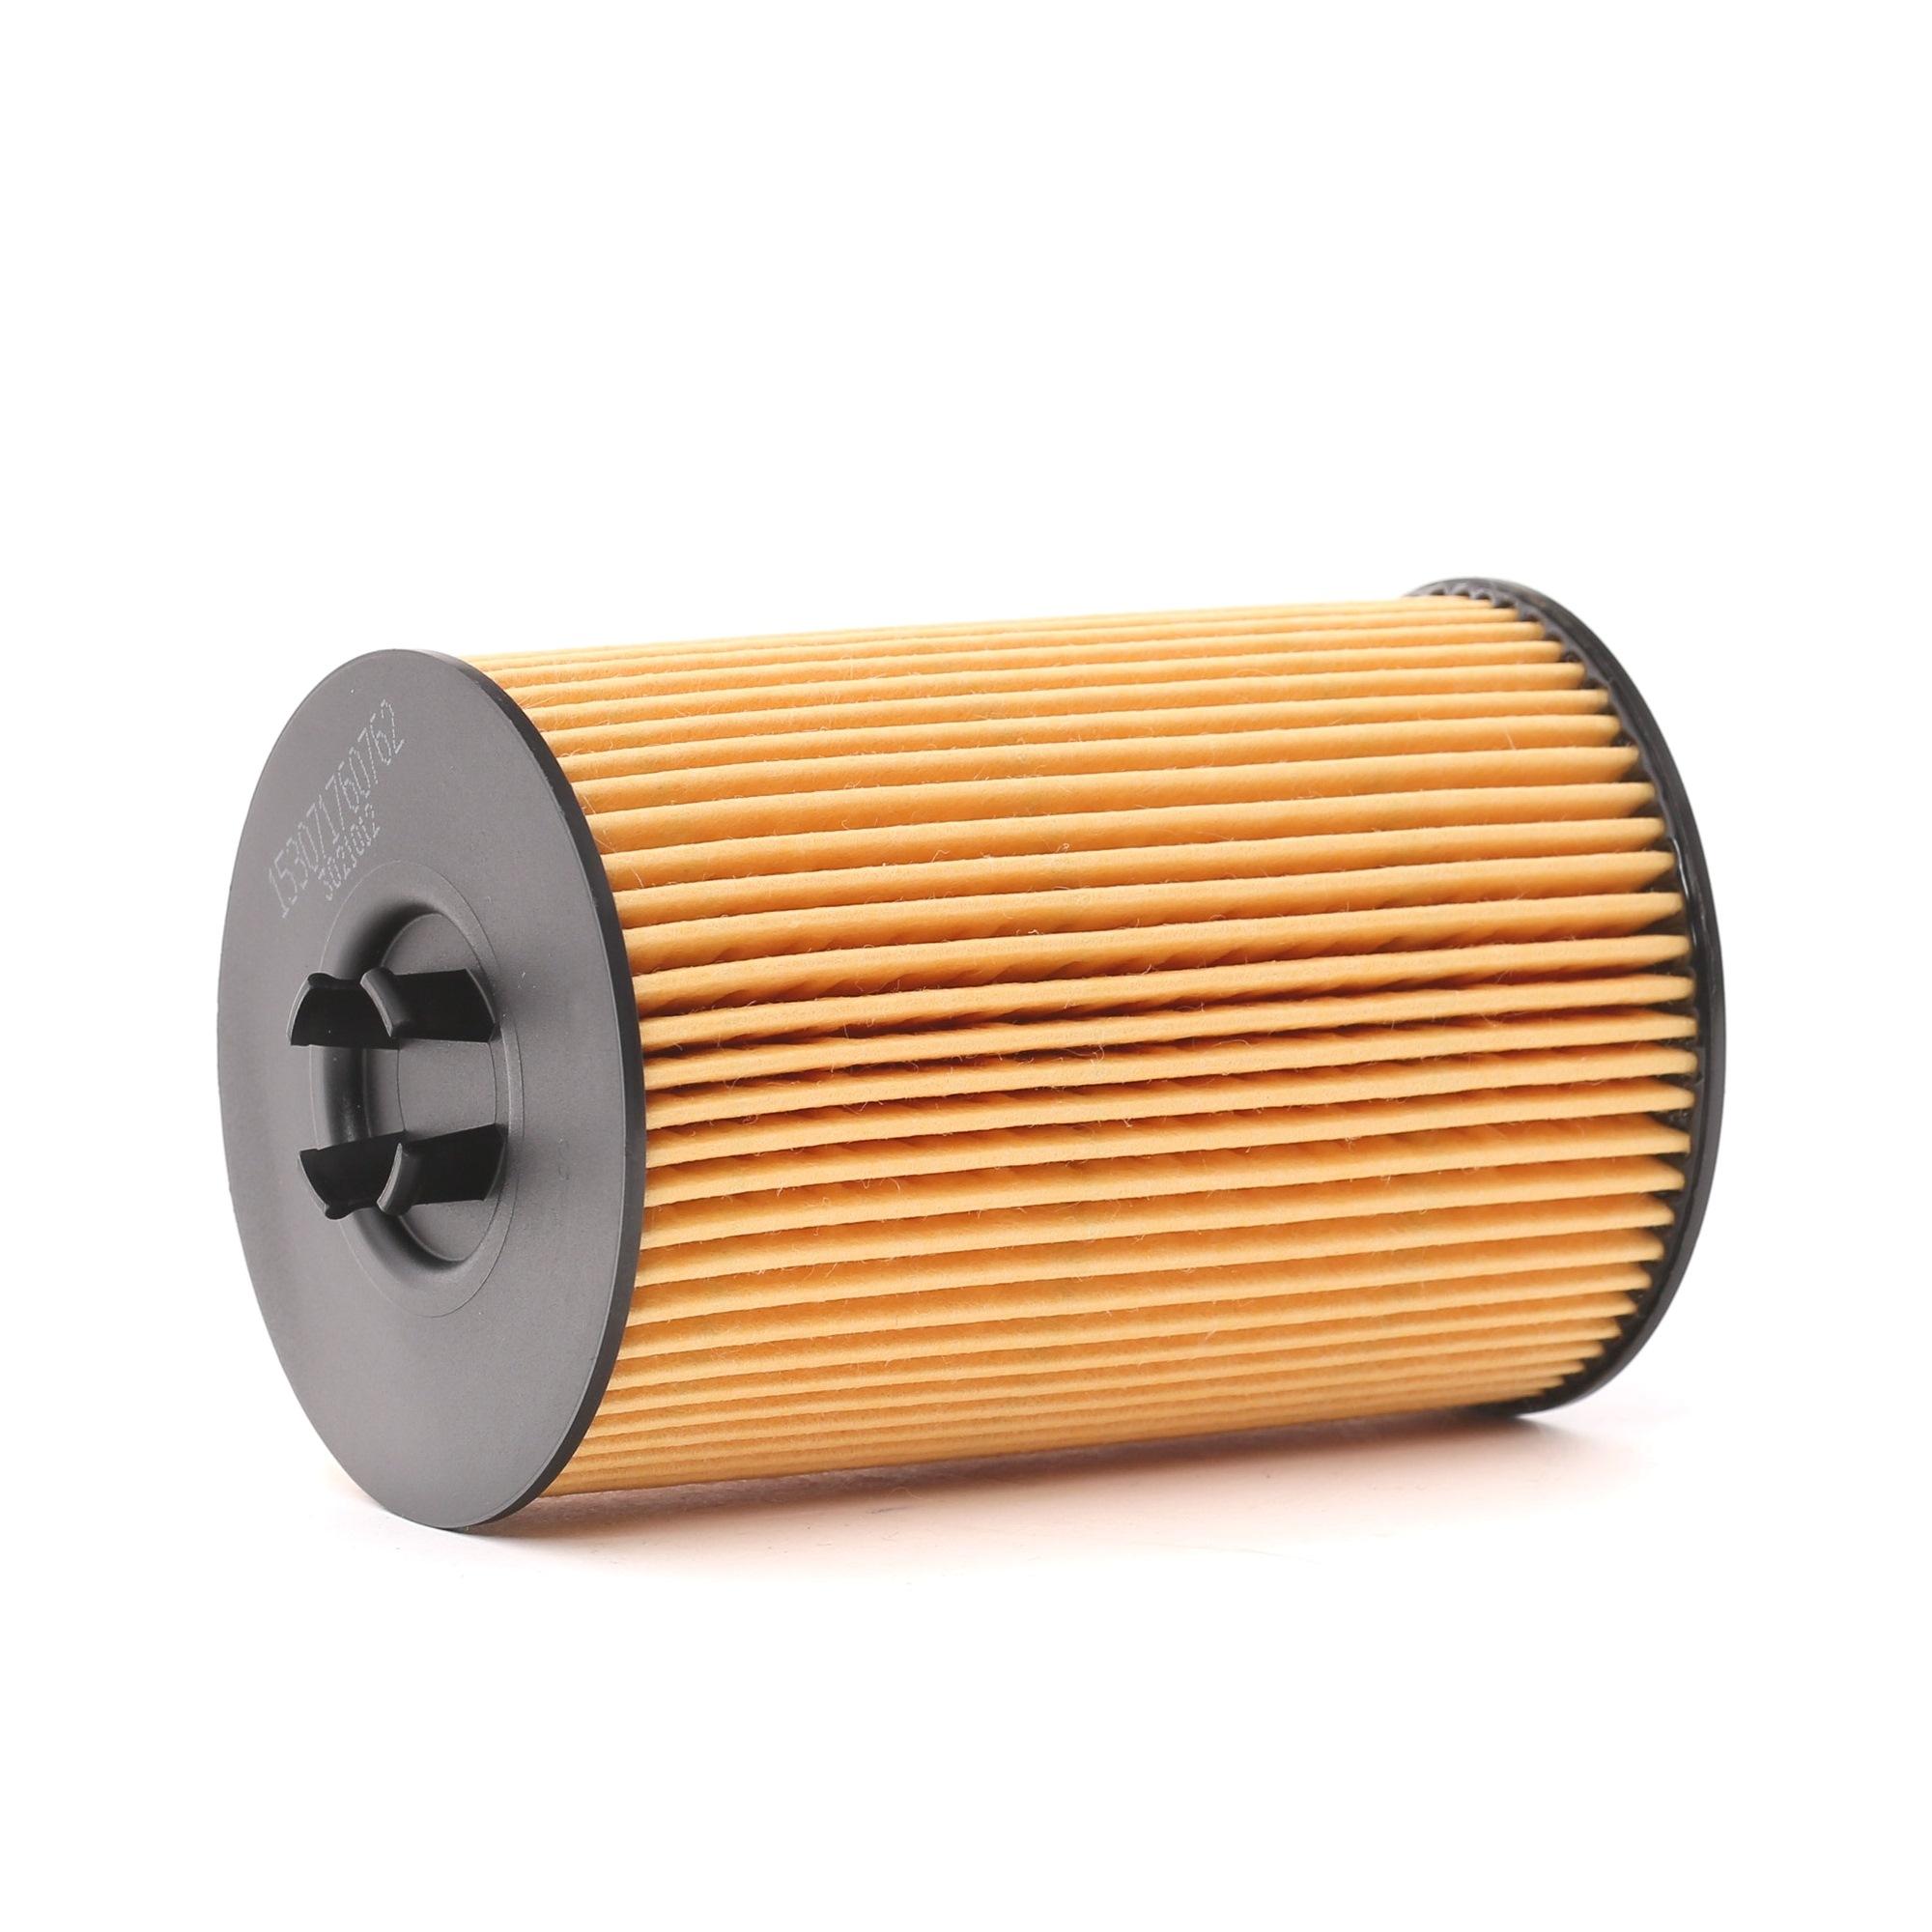 Achetez Filtre à huile MAGNETI MARELLI 153071760762 (Ø: 65mm, Hauteur: 103,5mm) à un rapport qualité-prix exceptionnel